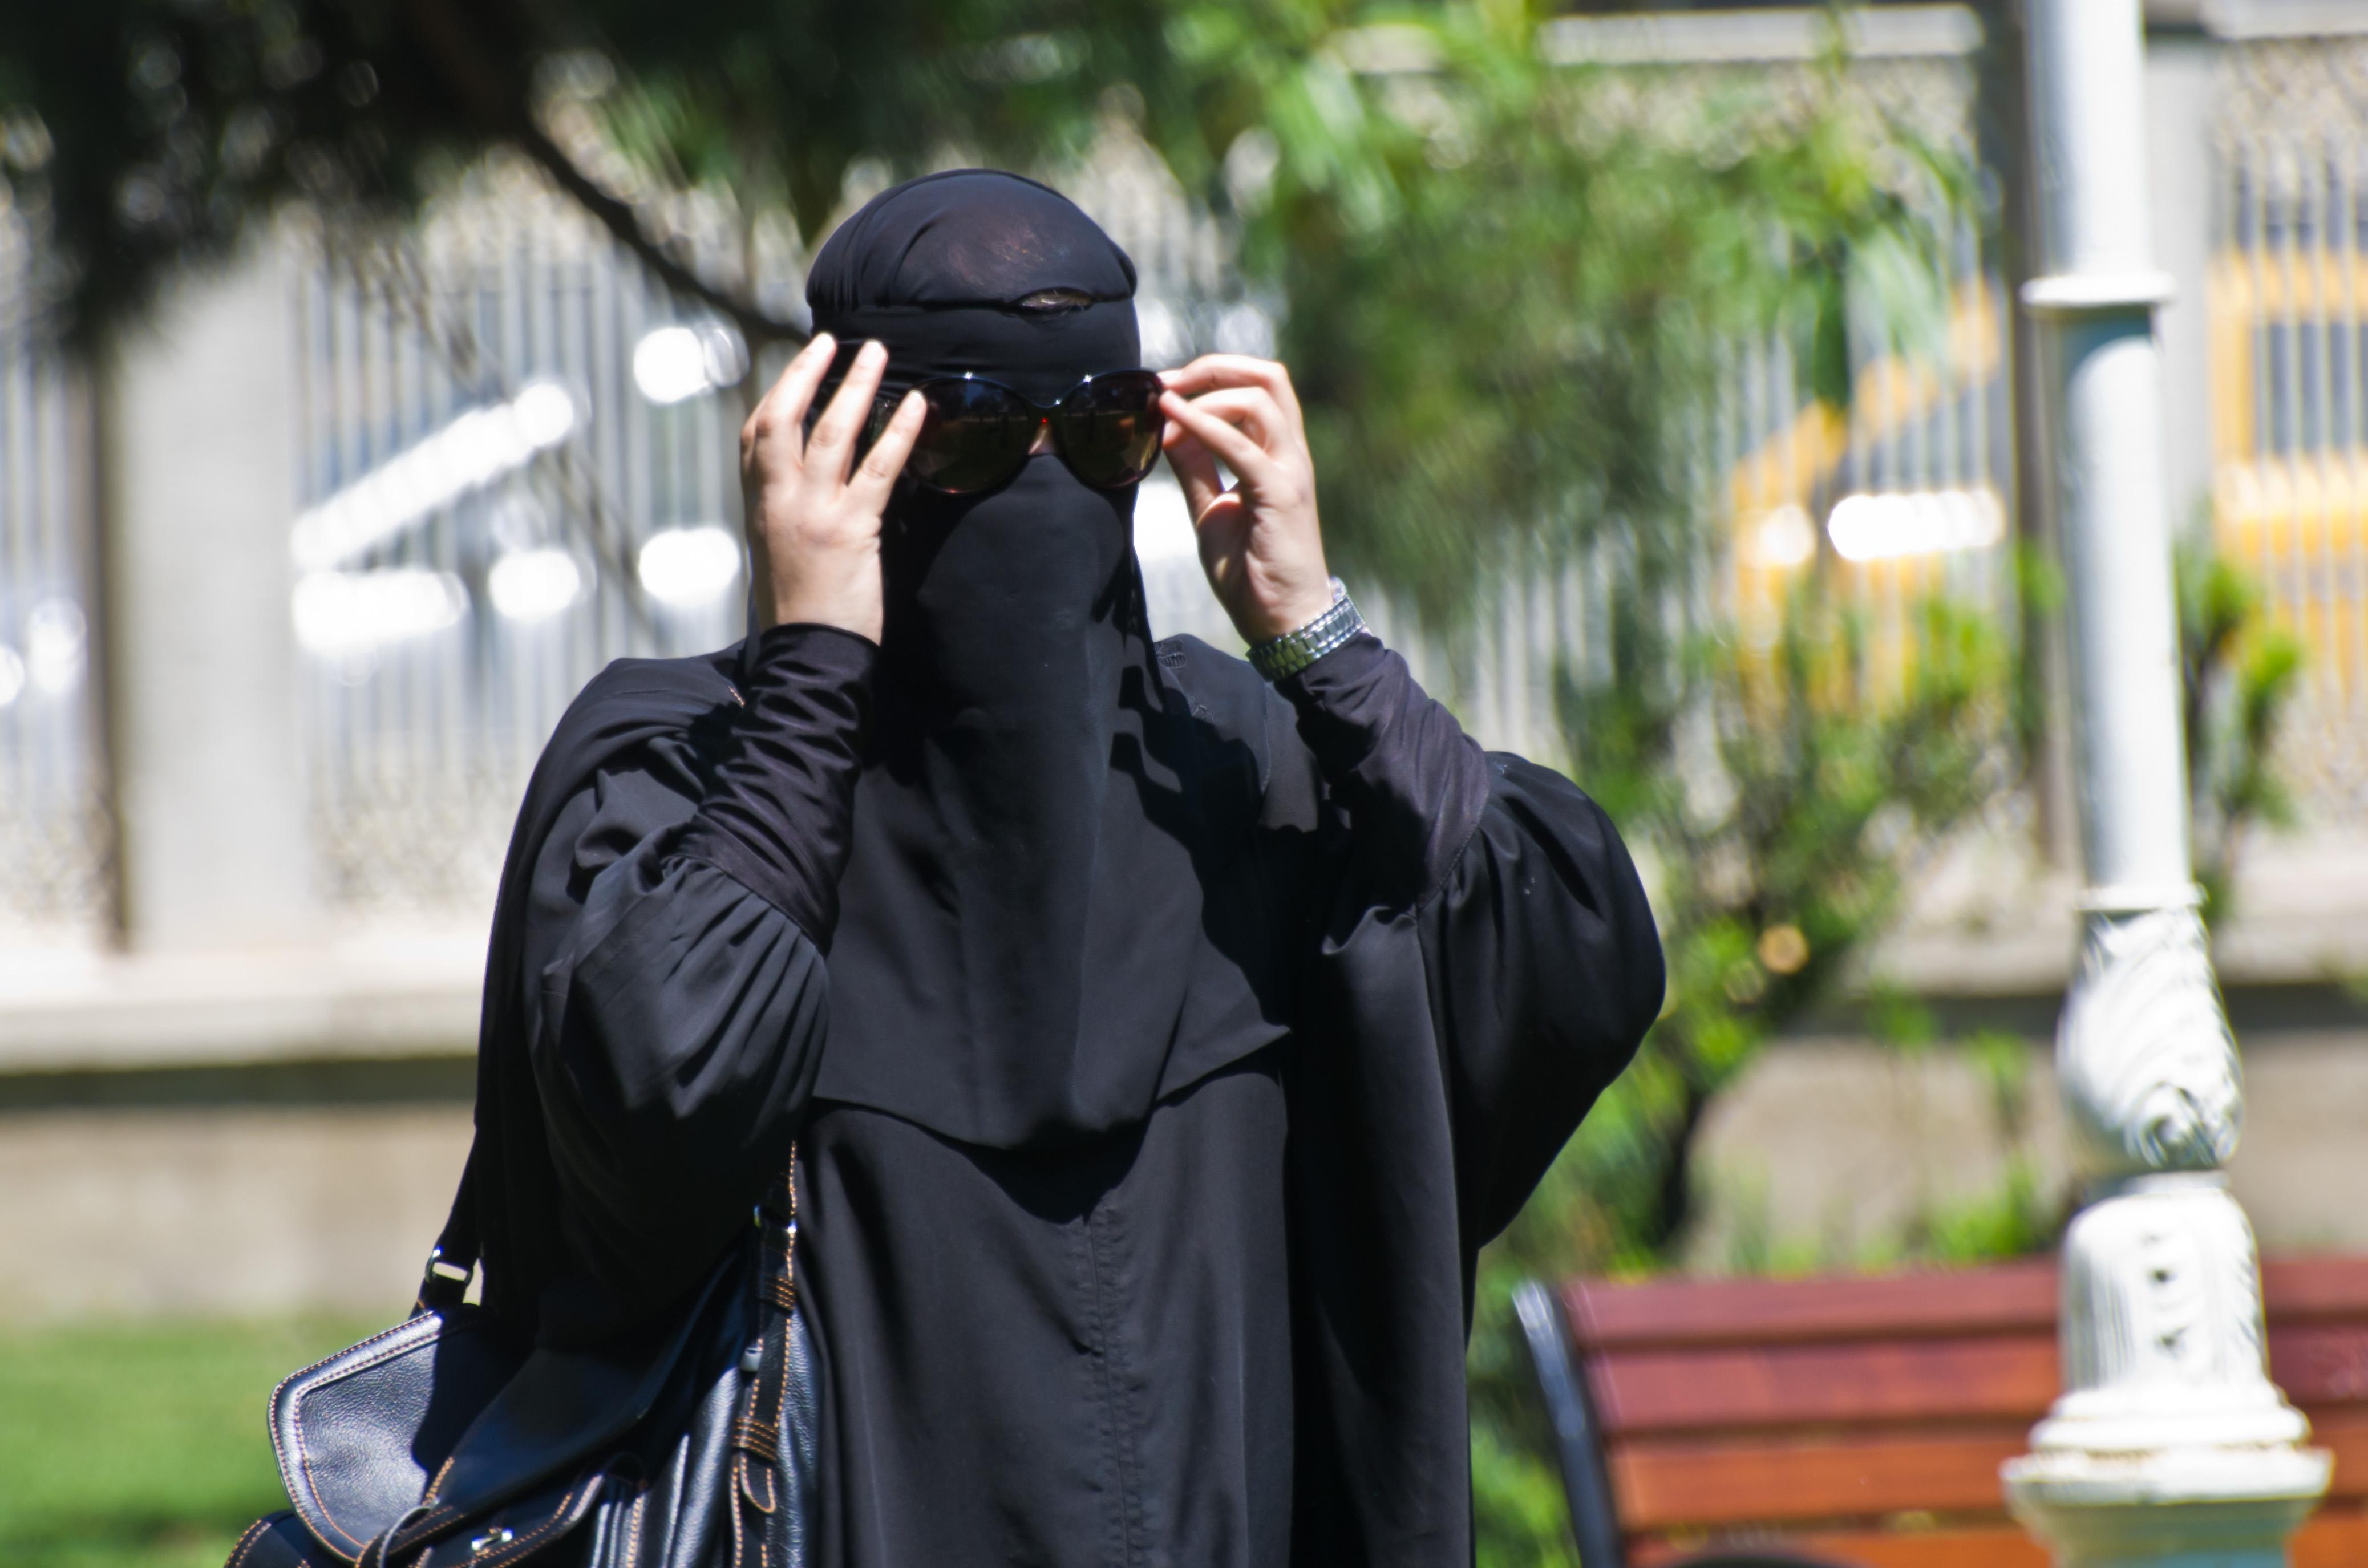 Bułgaria: Władze wprowadziły całkowity zakaz noszenia burek